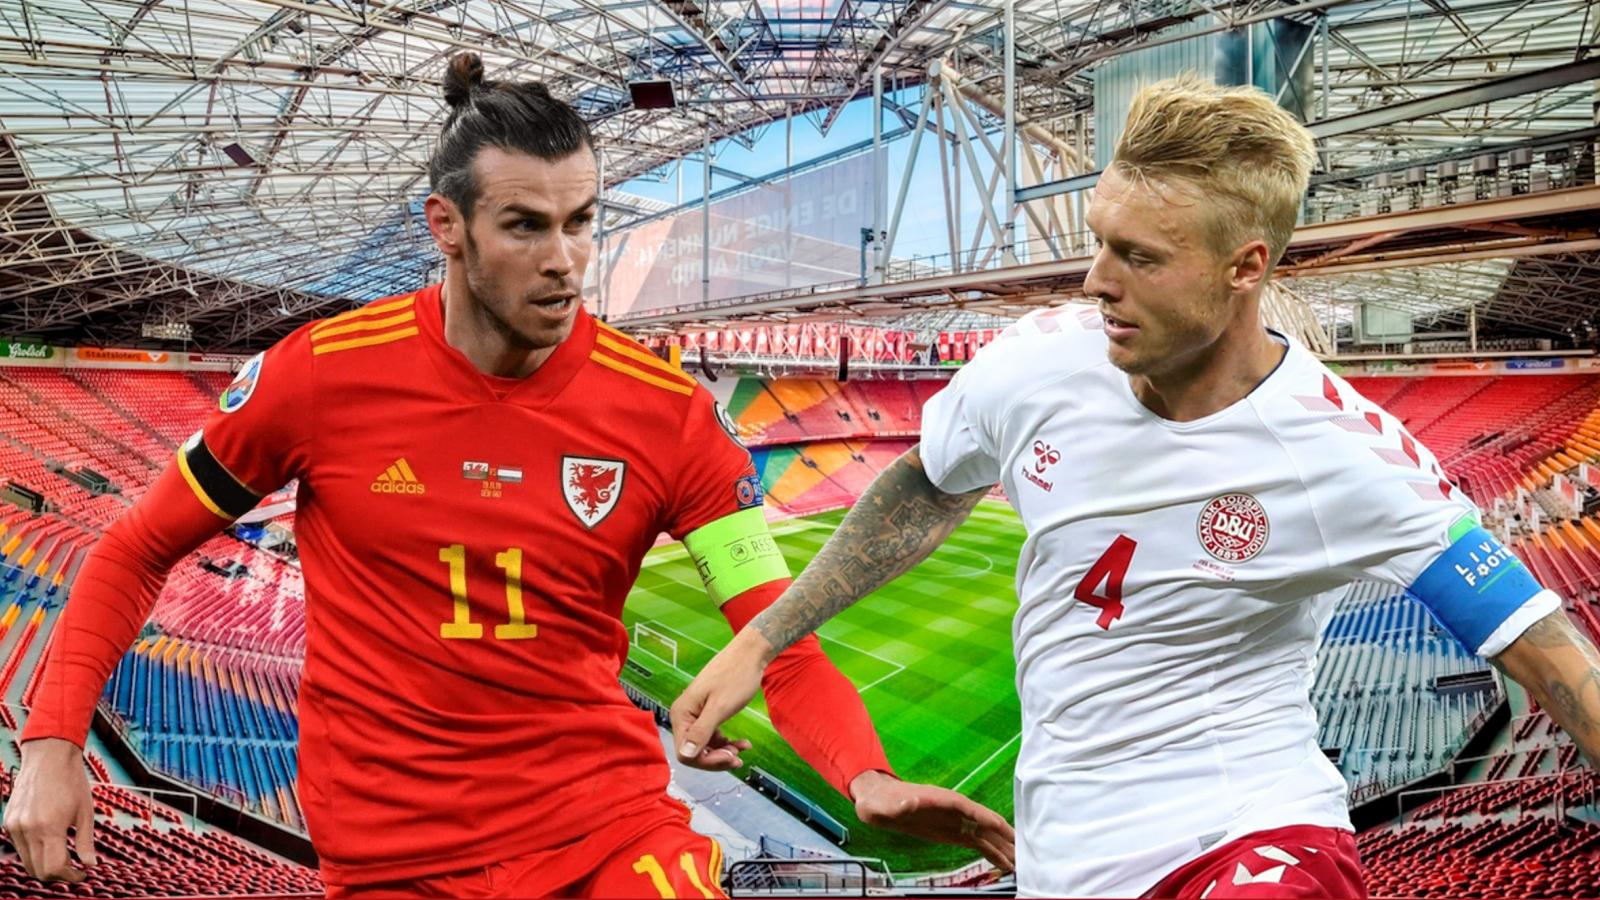 Dự đoán tỷ số, đội hình xuất phát trận Xứ Wales - Đan Mạch